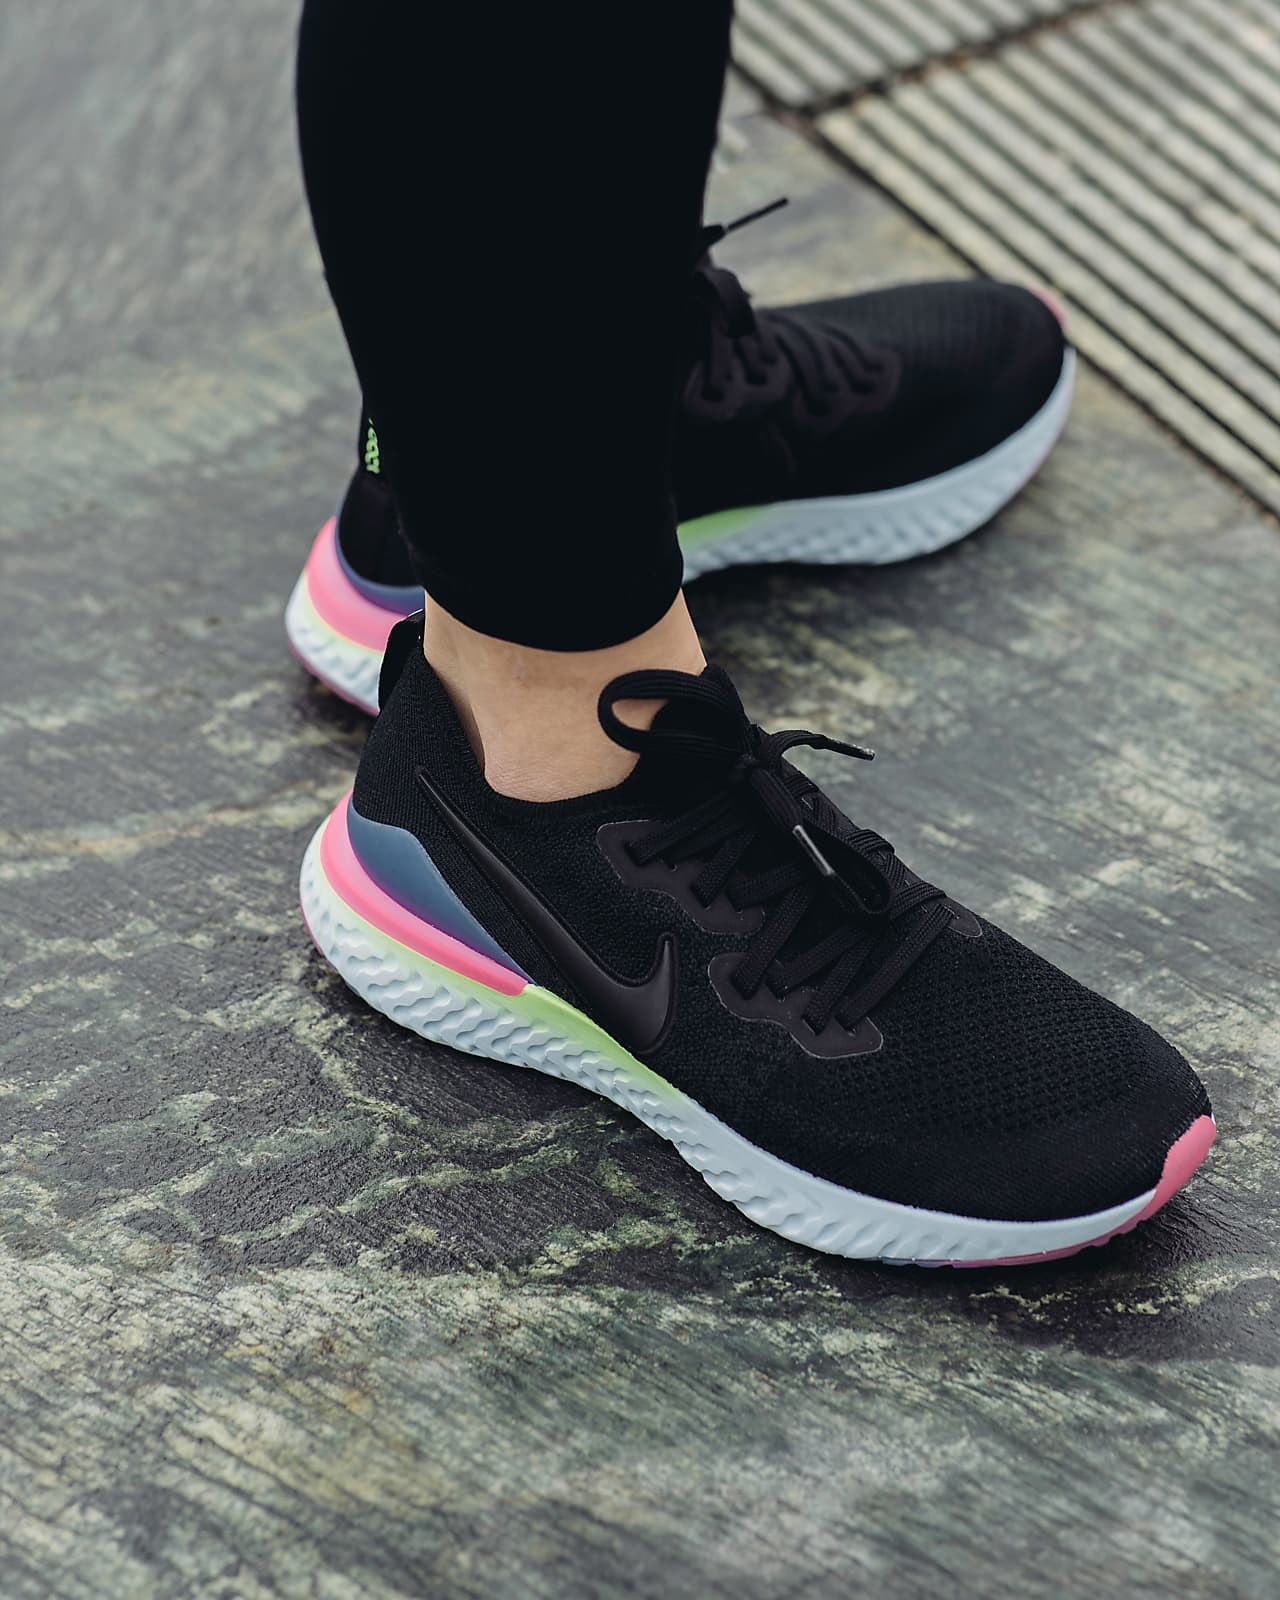 Vacilar Bibliografía malo  Calzado de running para hombre Nike Epic React Flyknit 2. Nike MX